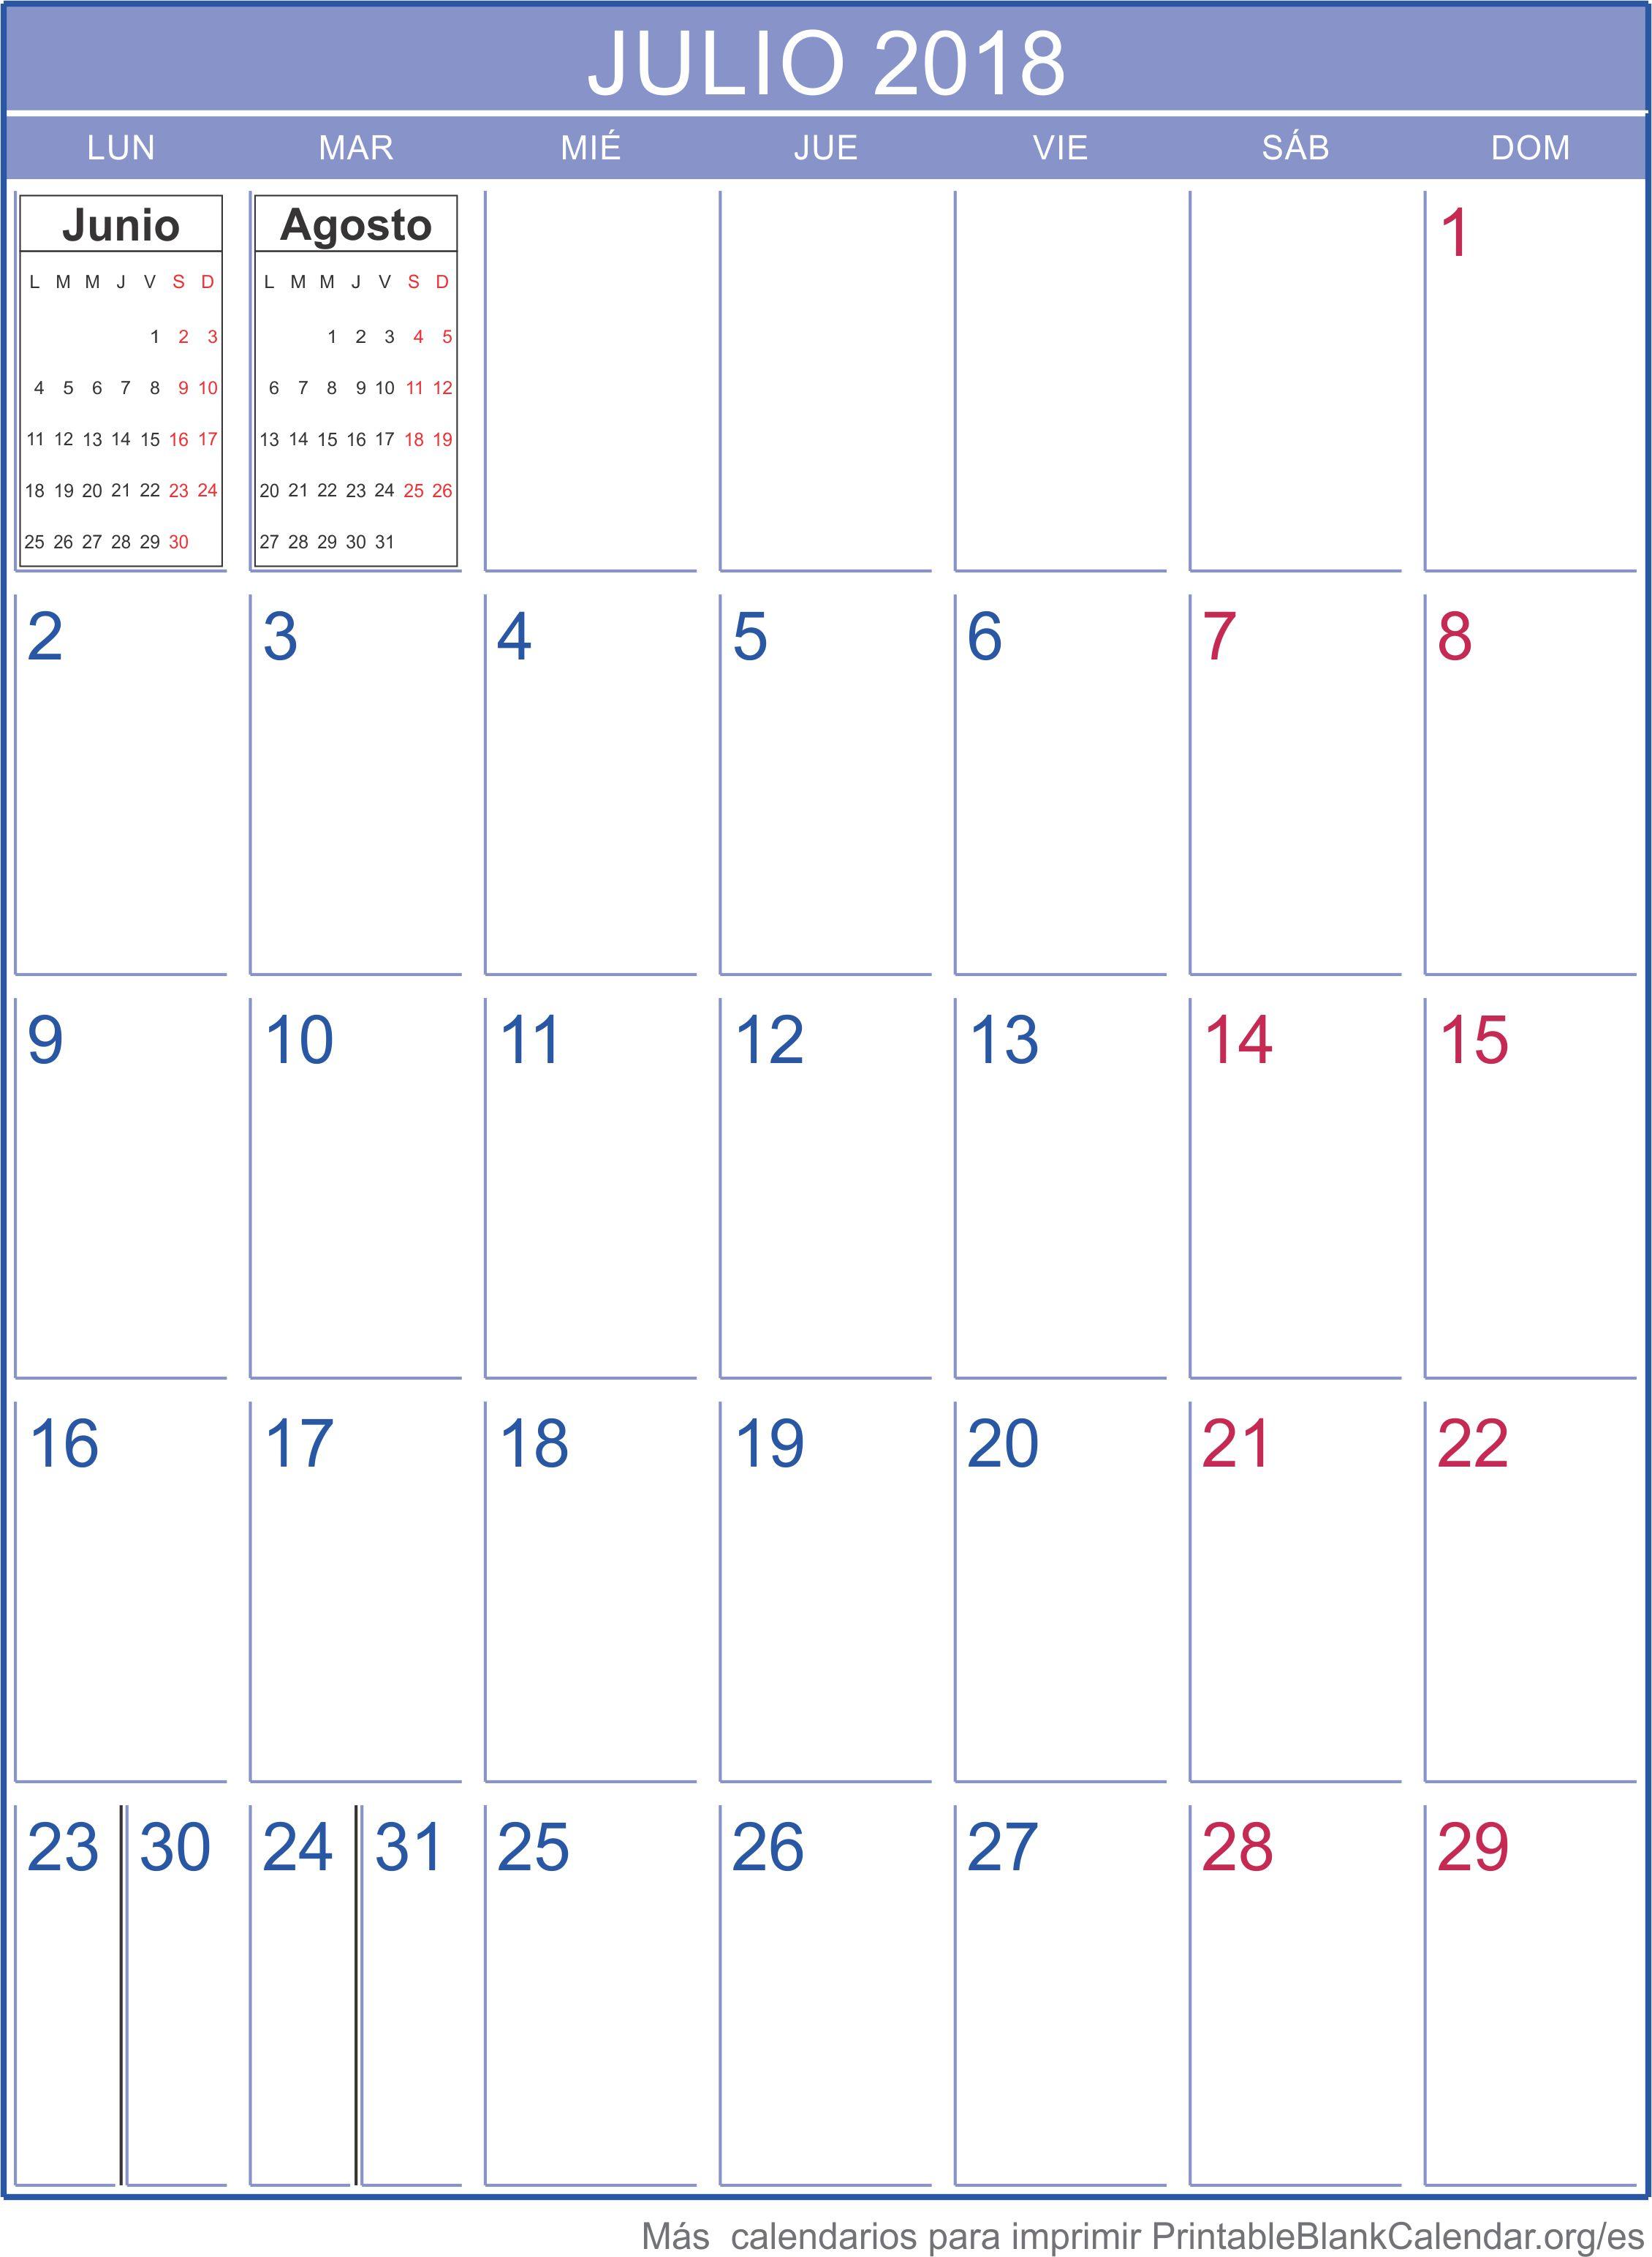 julio 2018 calendario